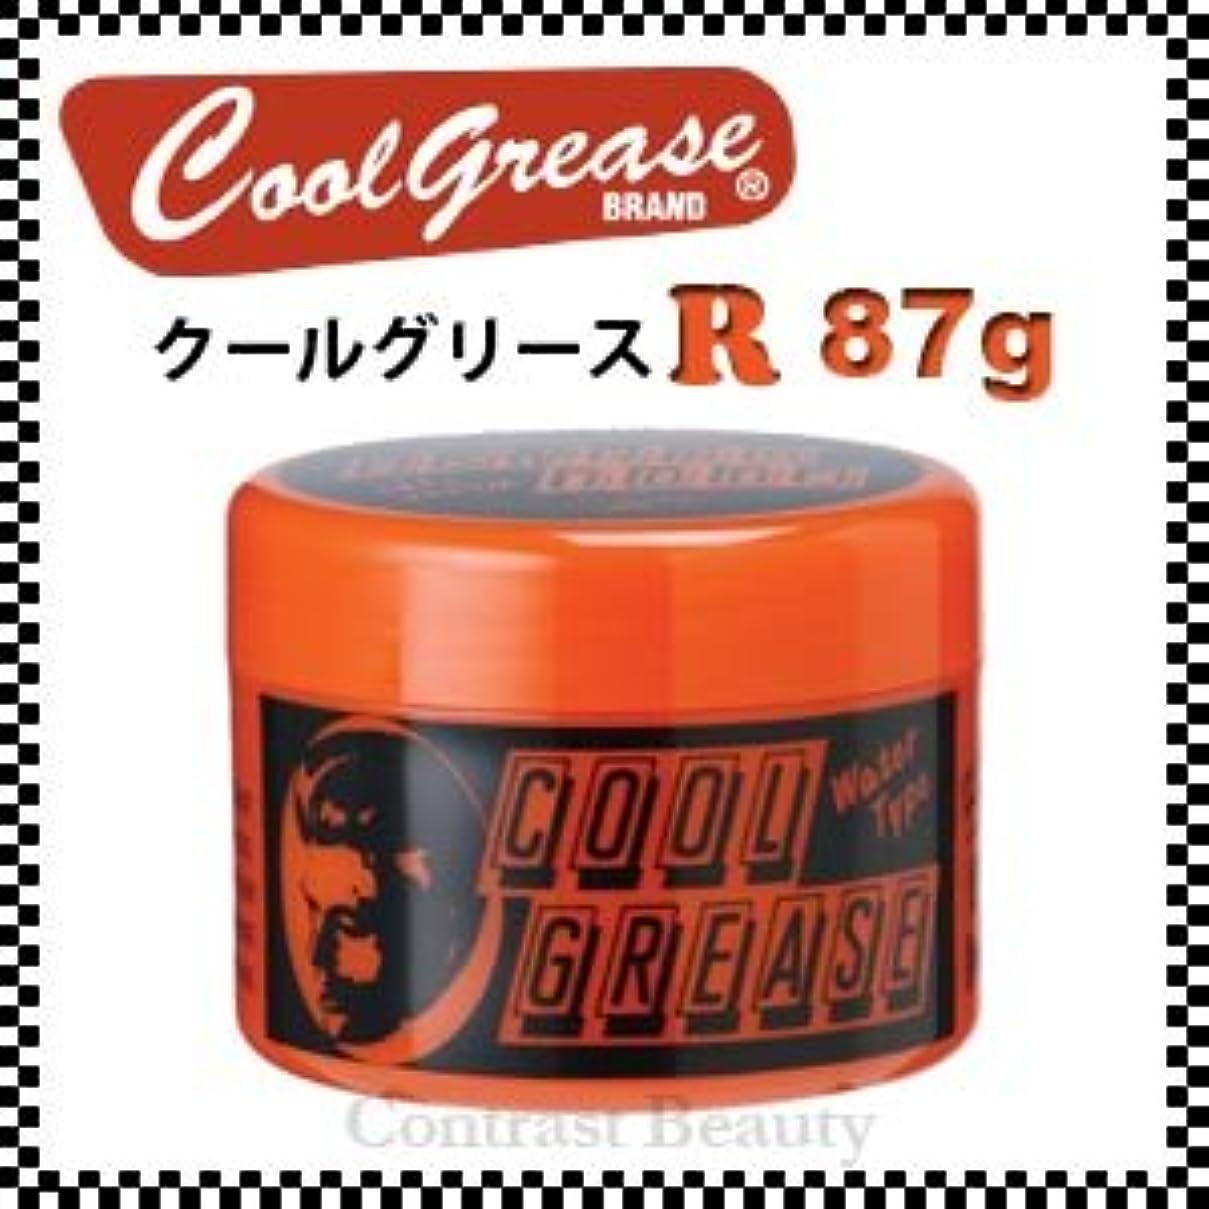 遊具差し迫ったダウン【X2個セット】 阪本高生堂 クールグリース R 87g